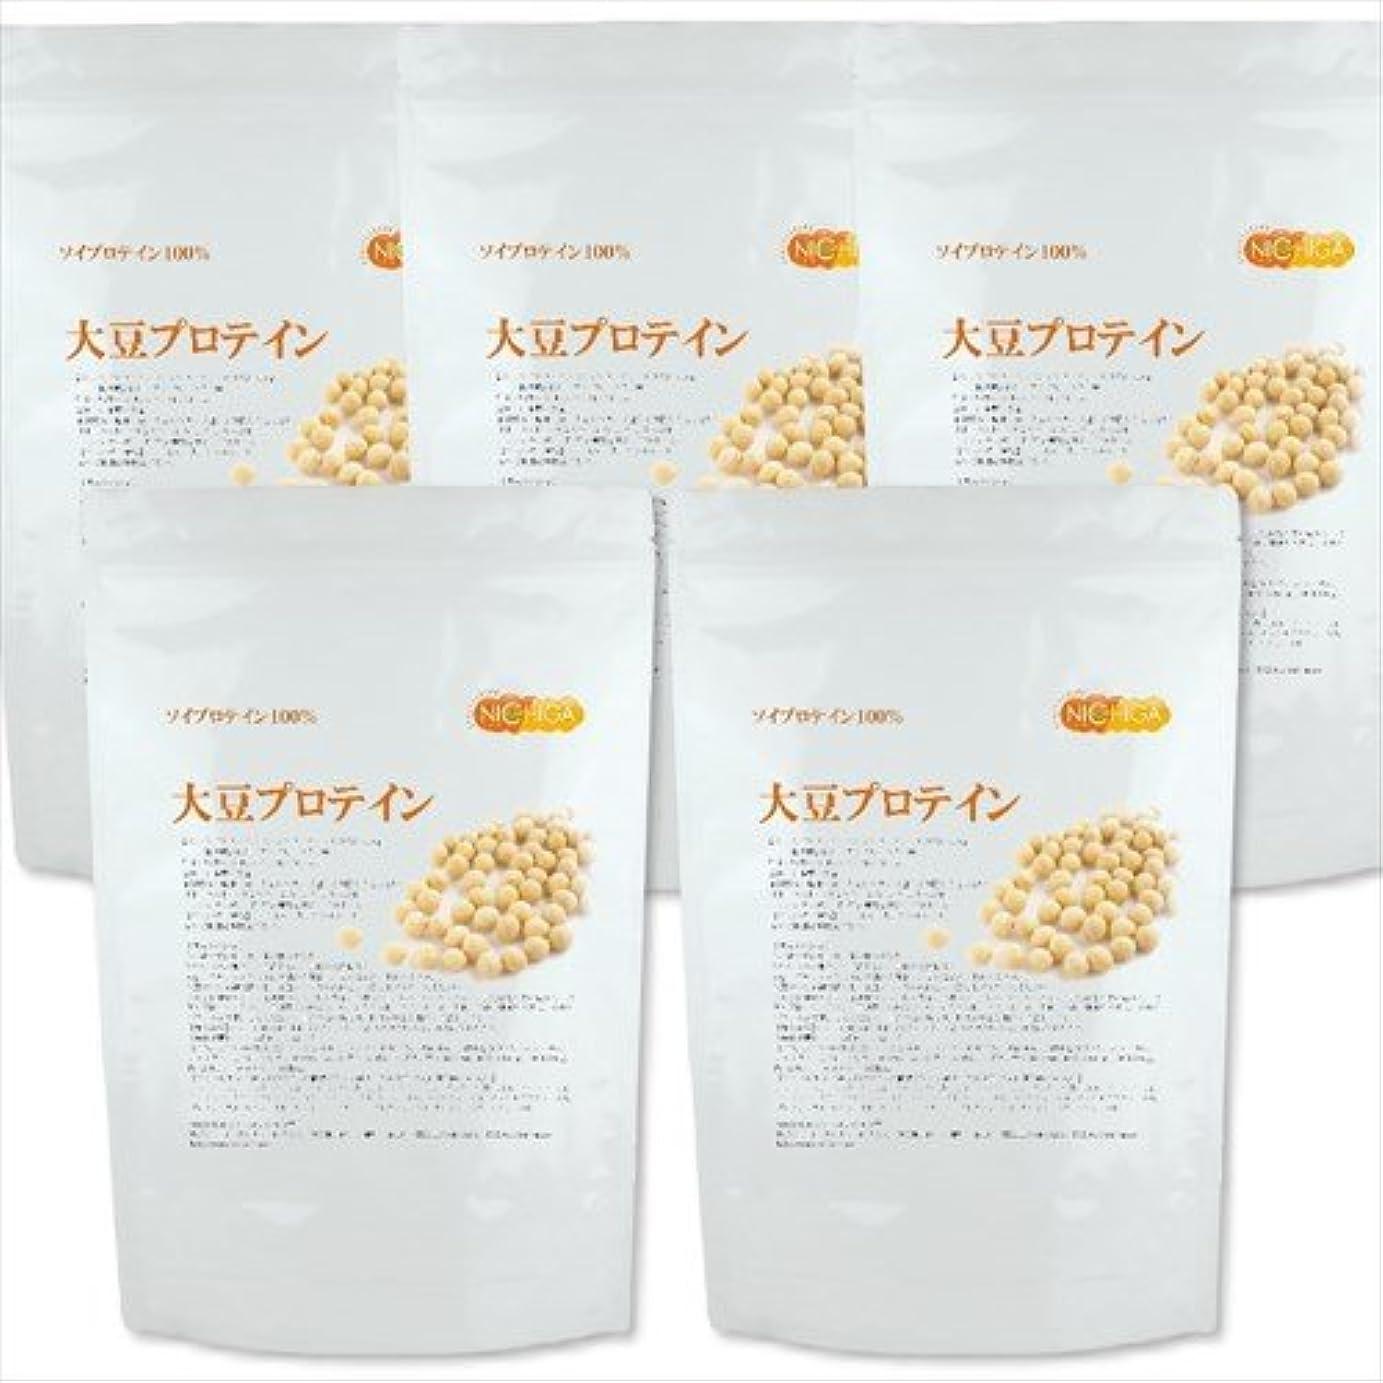 サワーヶ月目定規<New> 大豆プロテイン(国内製造)1kg×5袋 [02] NICHIGA(ニチガ) 製品のリニューアル致しました ソイプロテイン100% 遺伝子組み換え不使用大豆 新規製法採用!